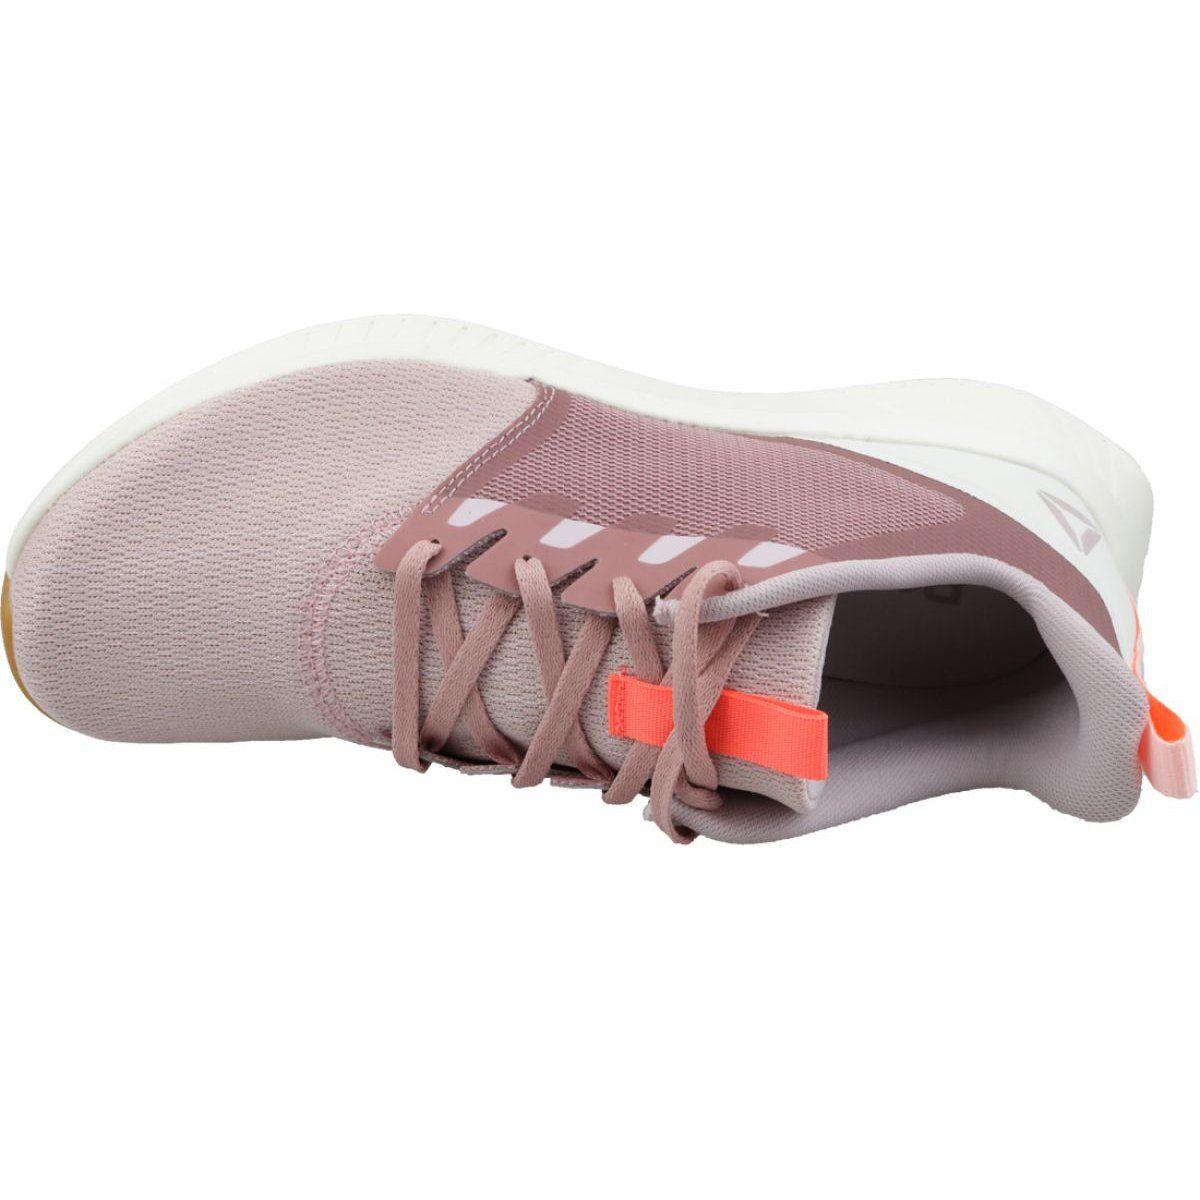 Buty Biegowe Reebok Fusium Lite W Cn6527 Rozowe Reebok Shoes Women Reebok Running Shoes